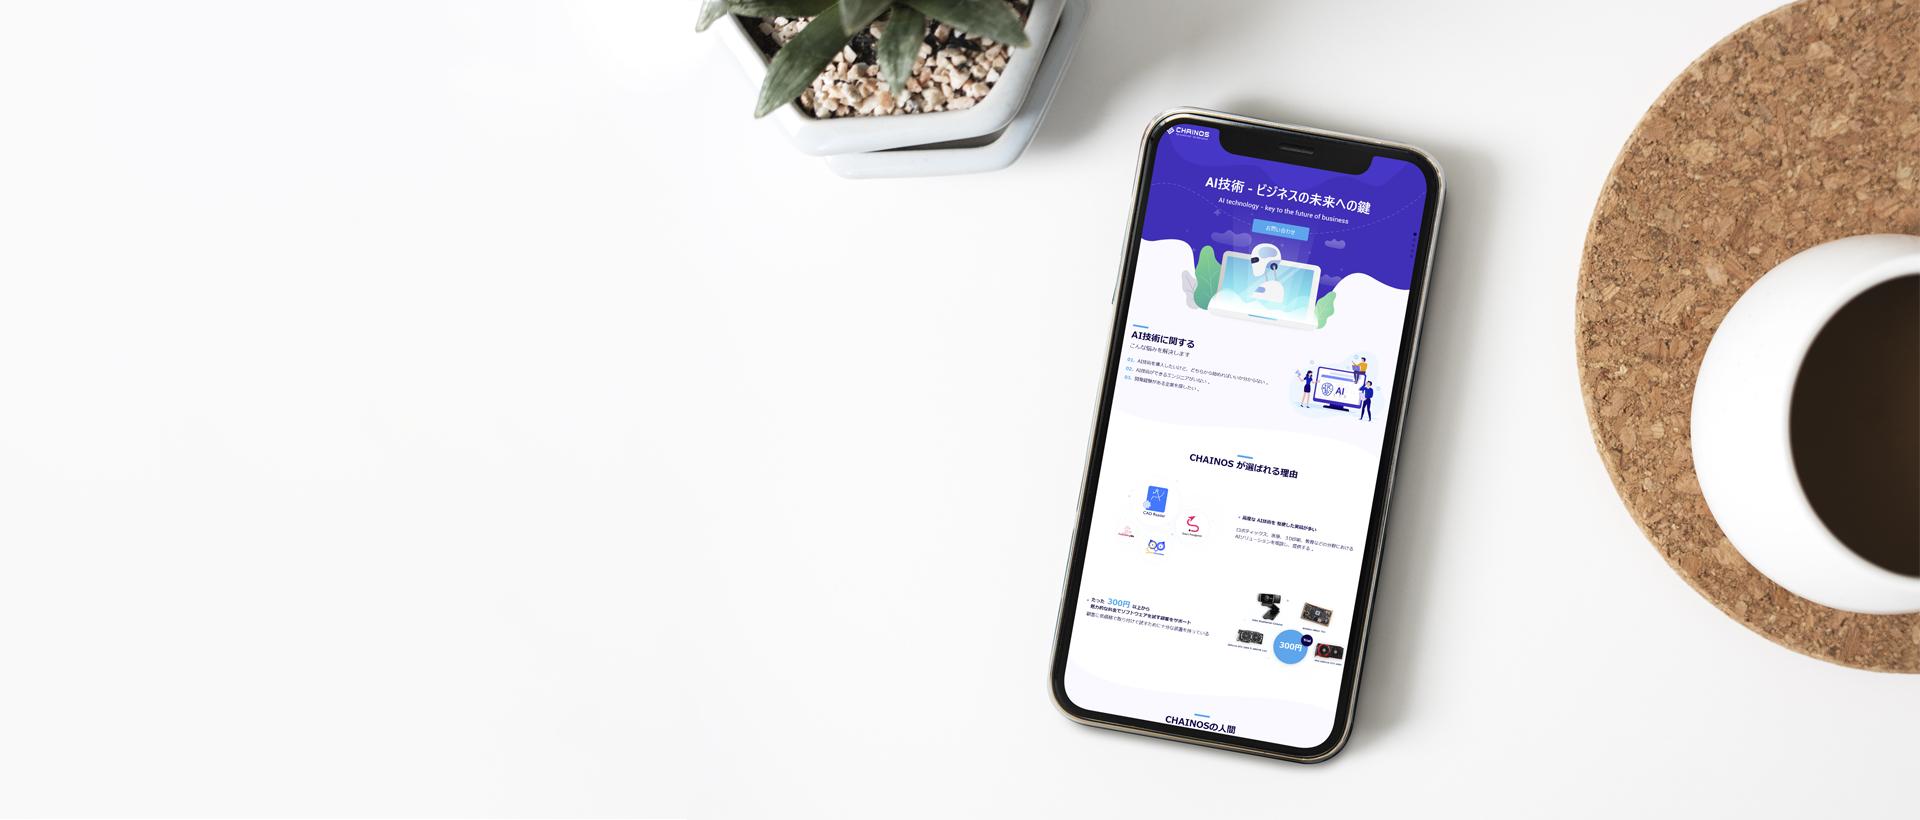 Giải pháp thiết kế app mobile